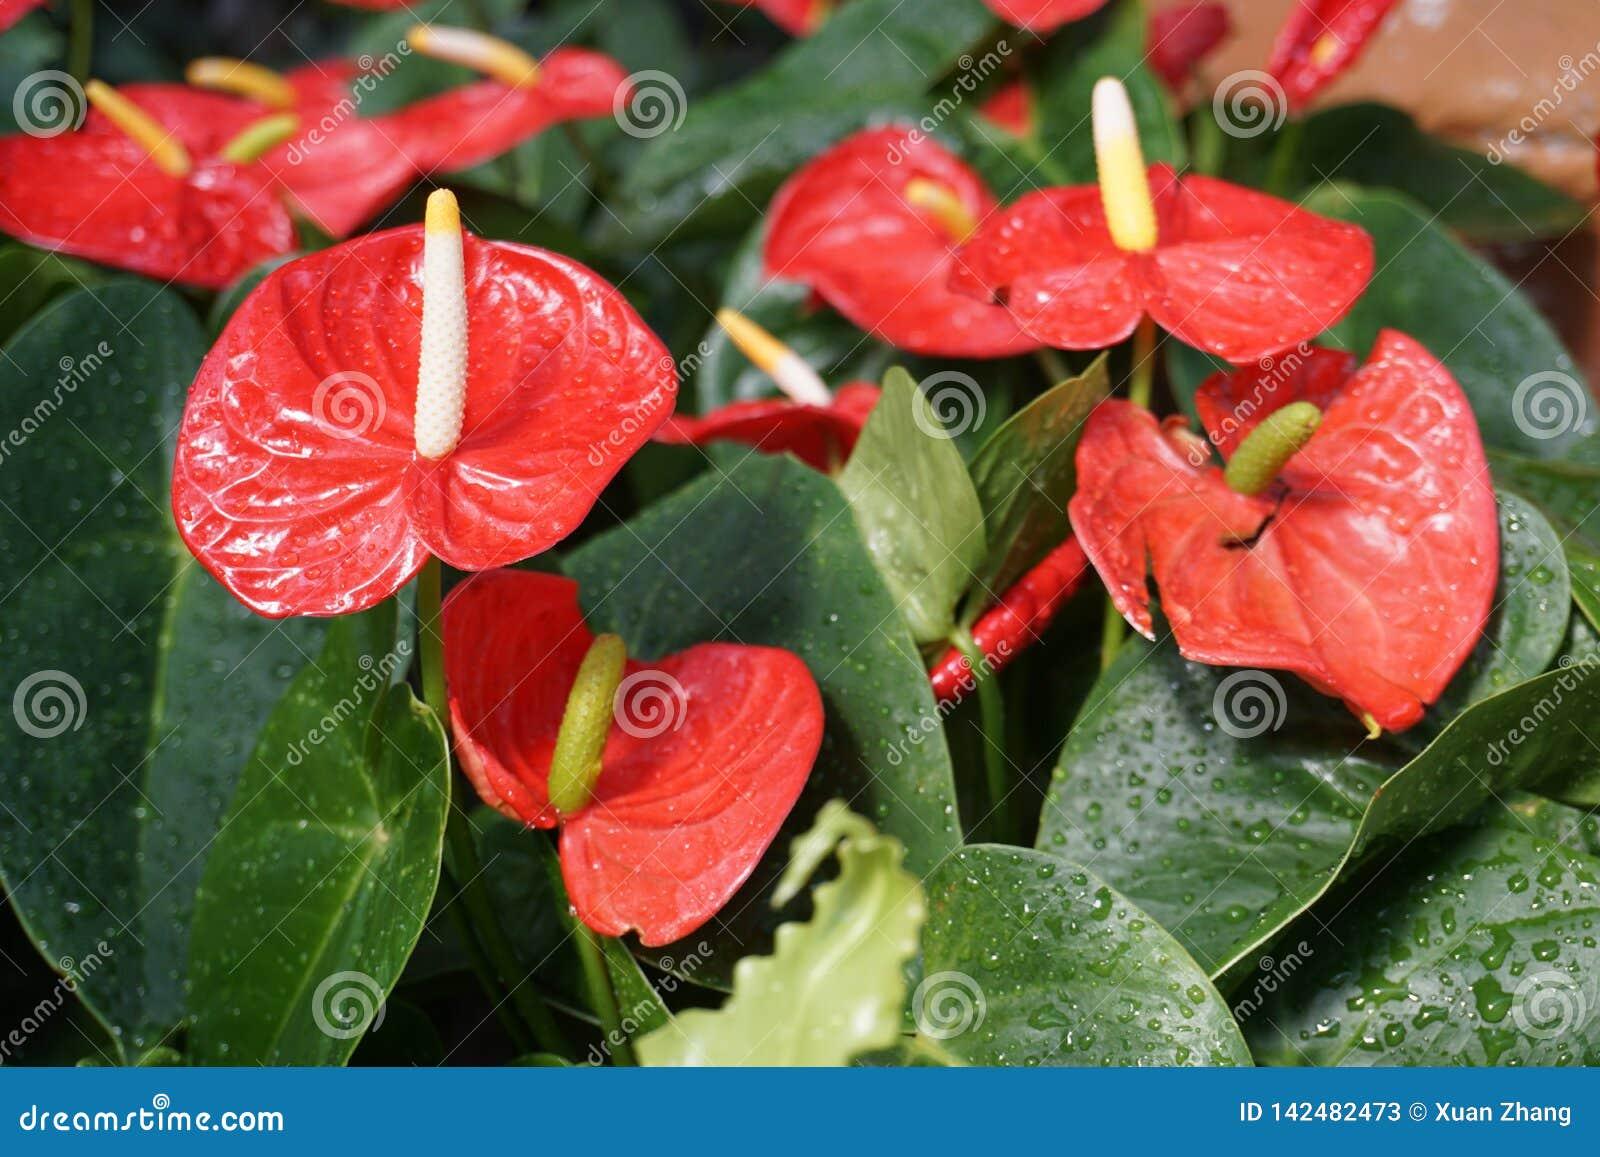 Dit is een bloem genoemd anthurium